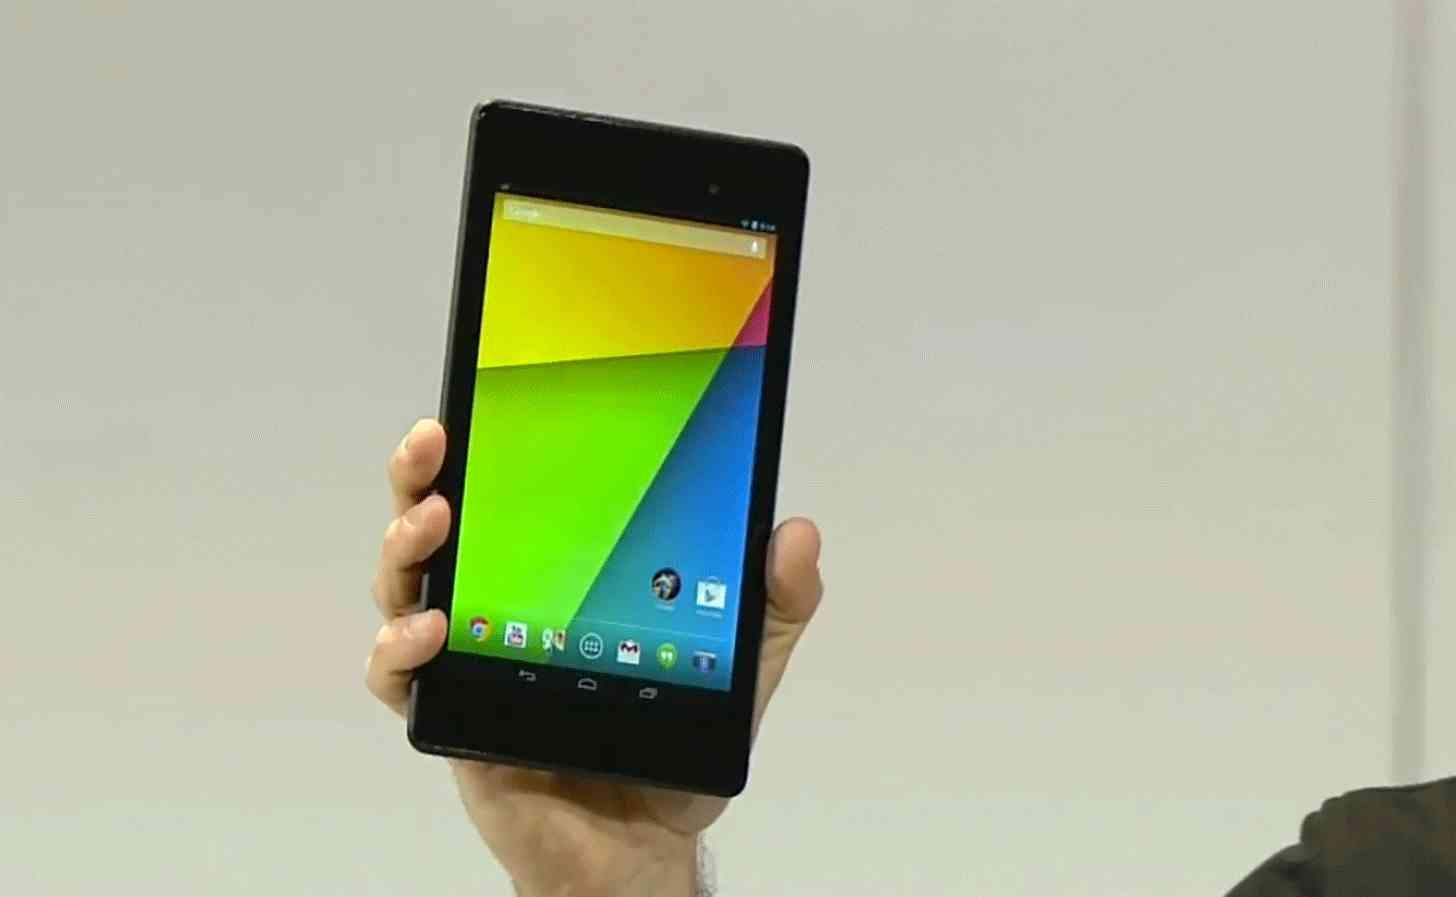 Nexus 7 2013 announcement